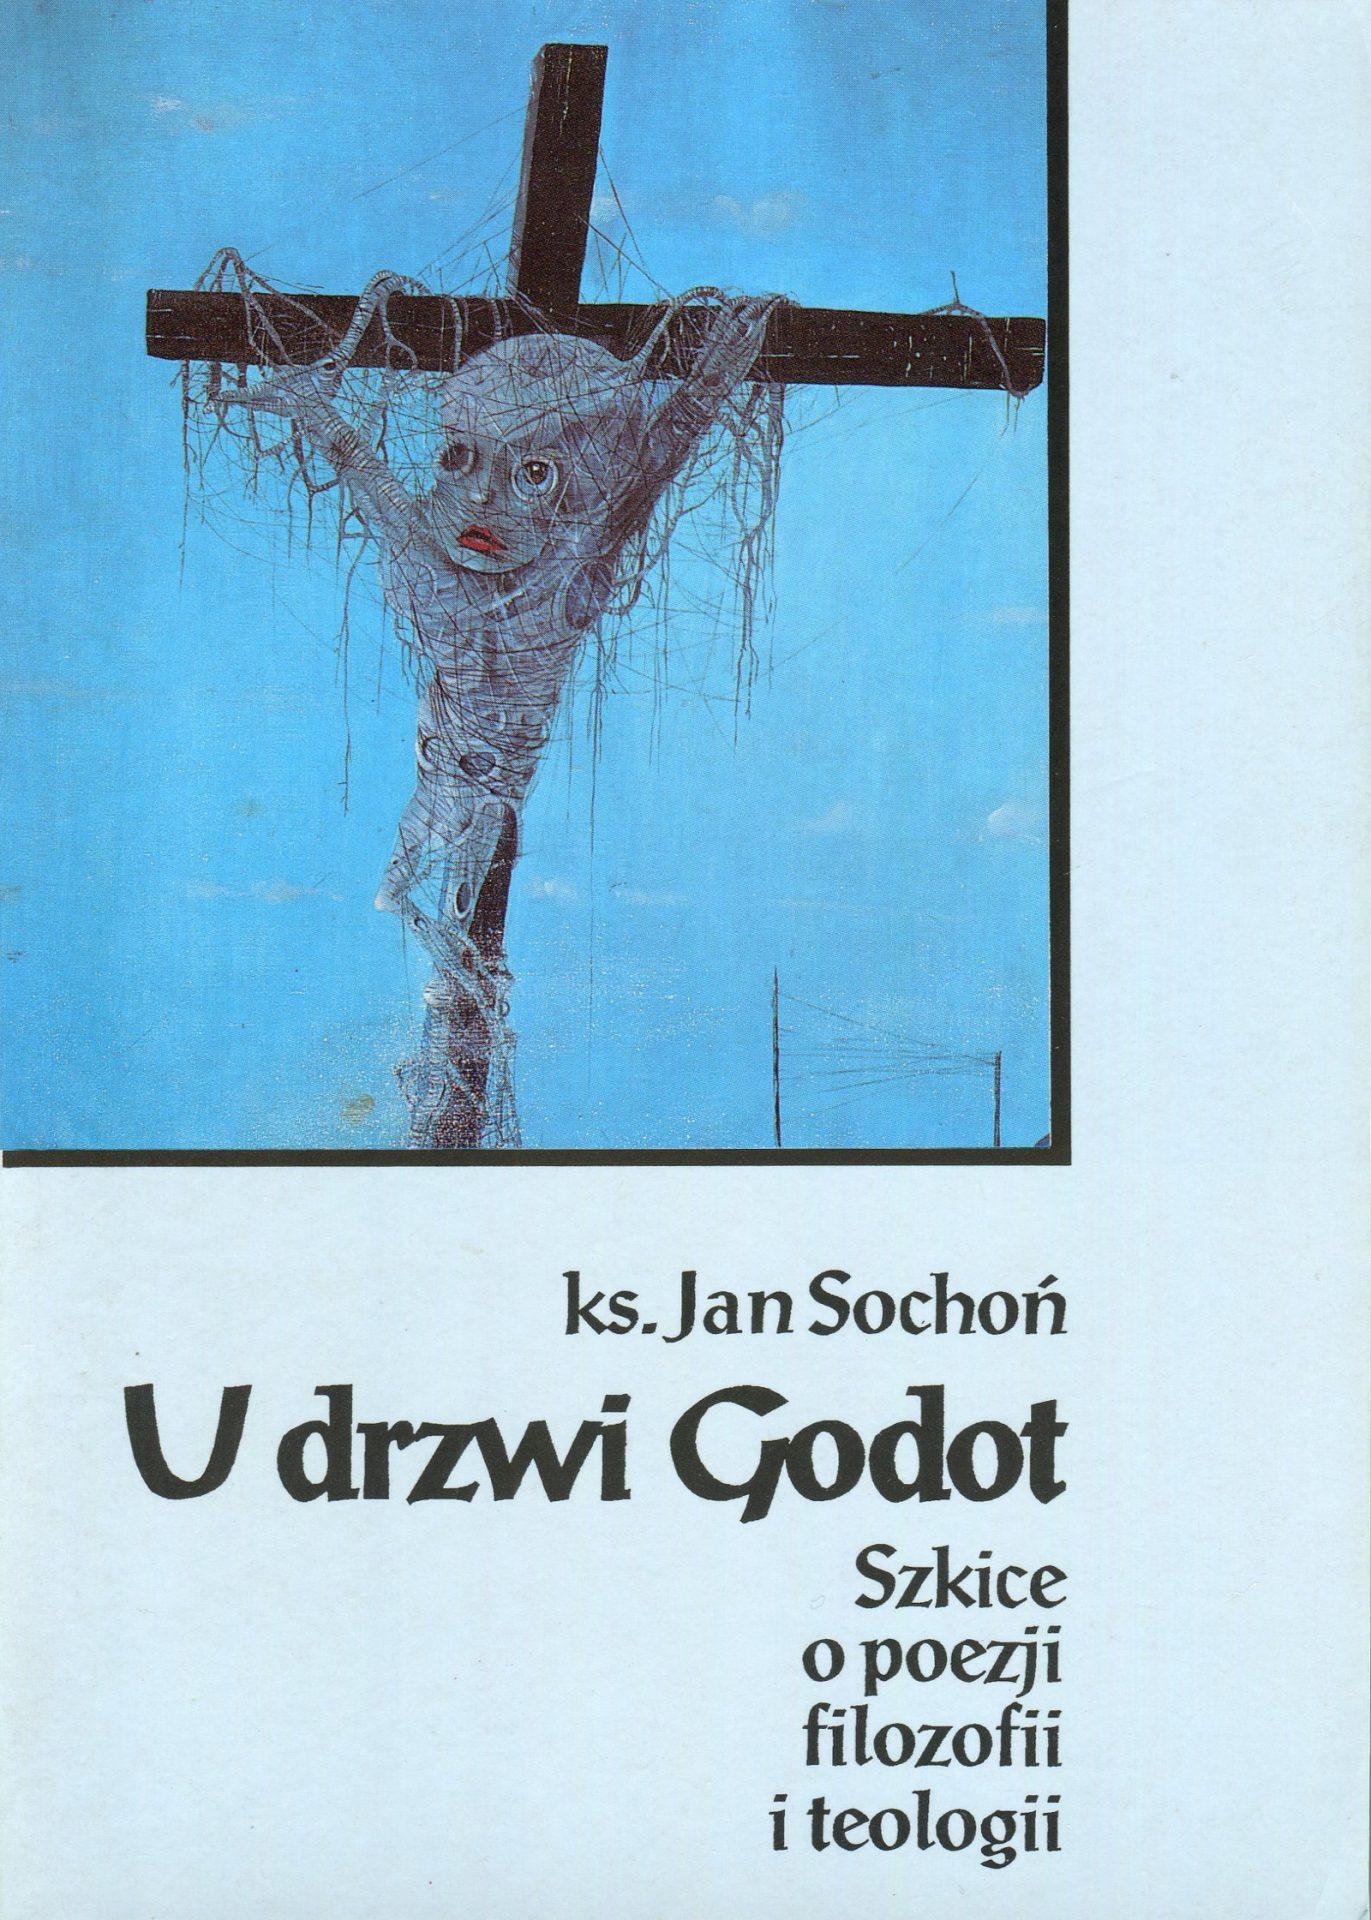 U drzwi Godot - Jan Sochoń